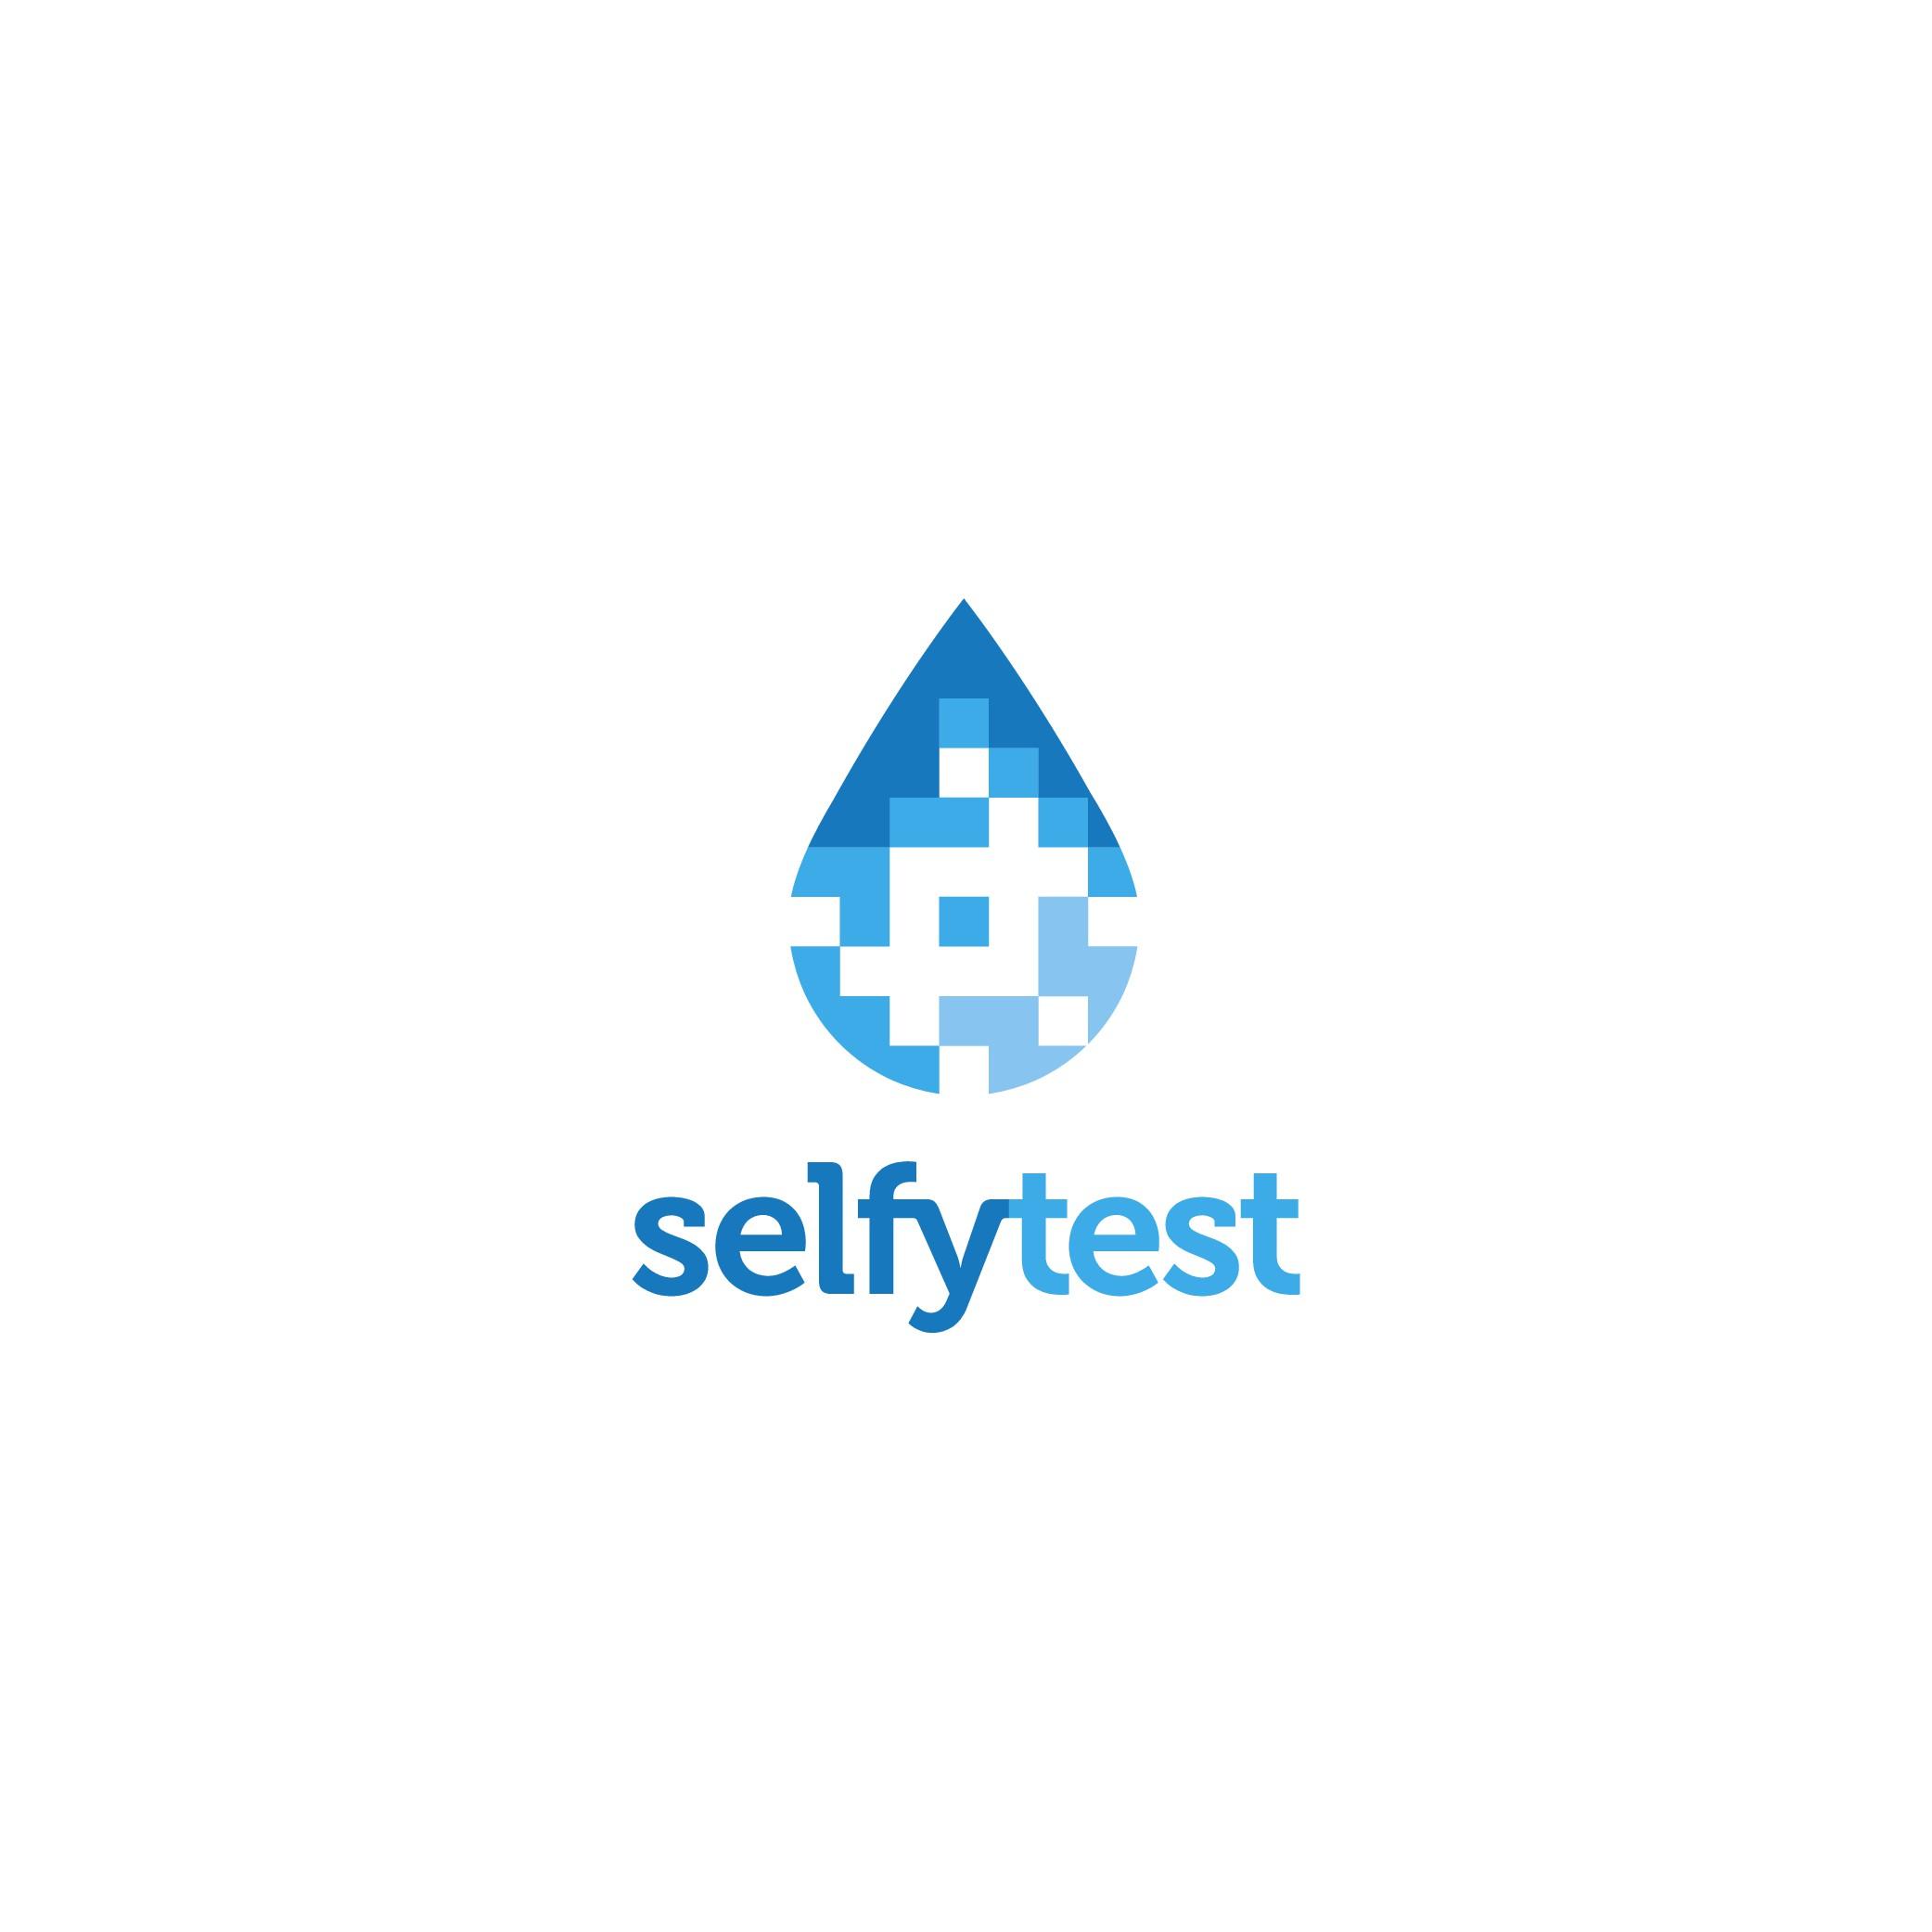 Selfie + Food Safety = SelfyTEST